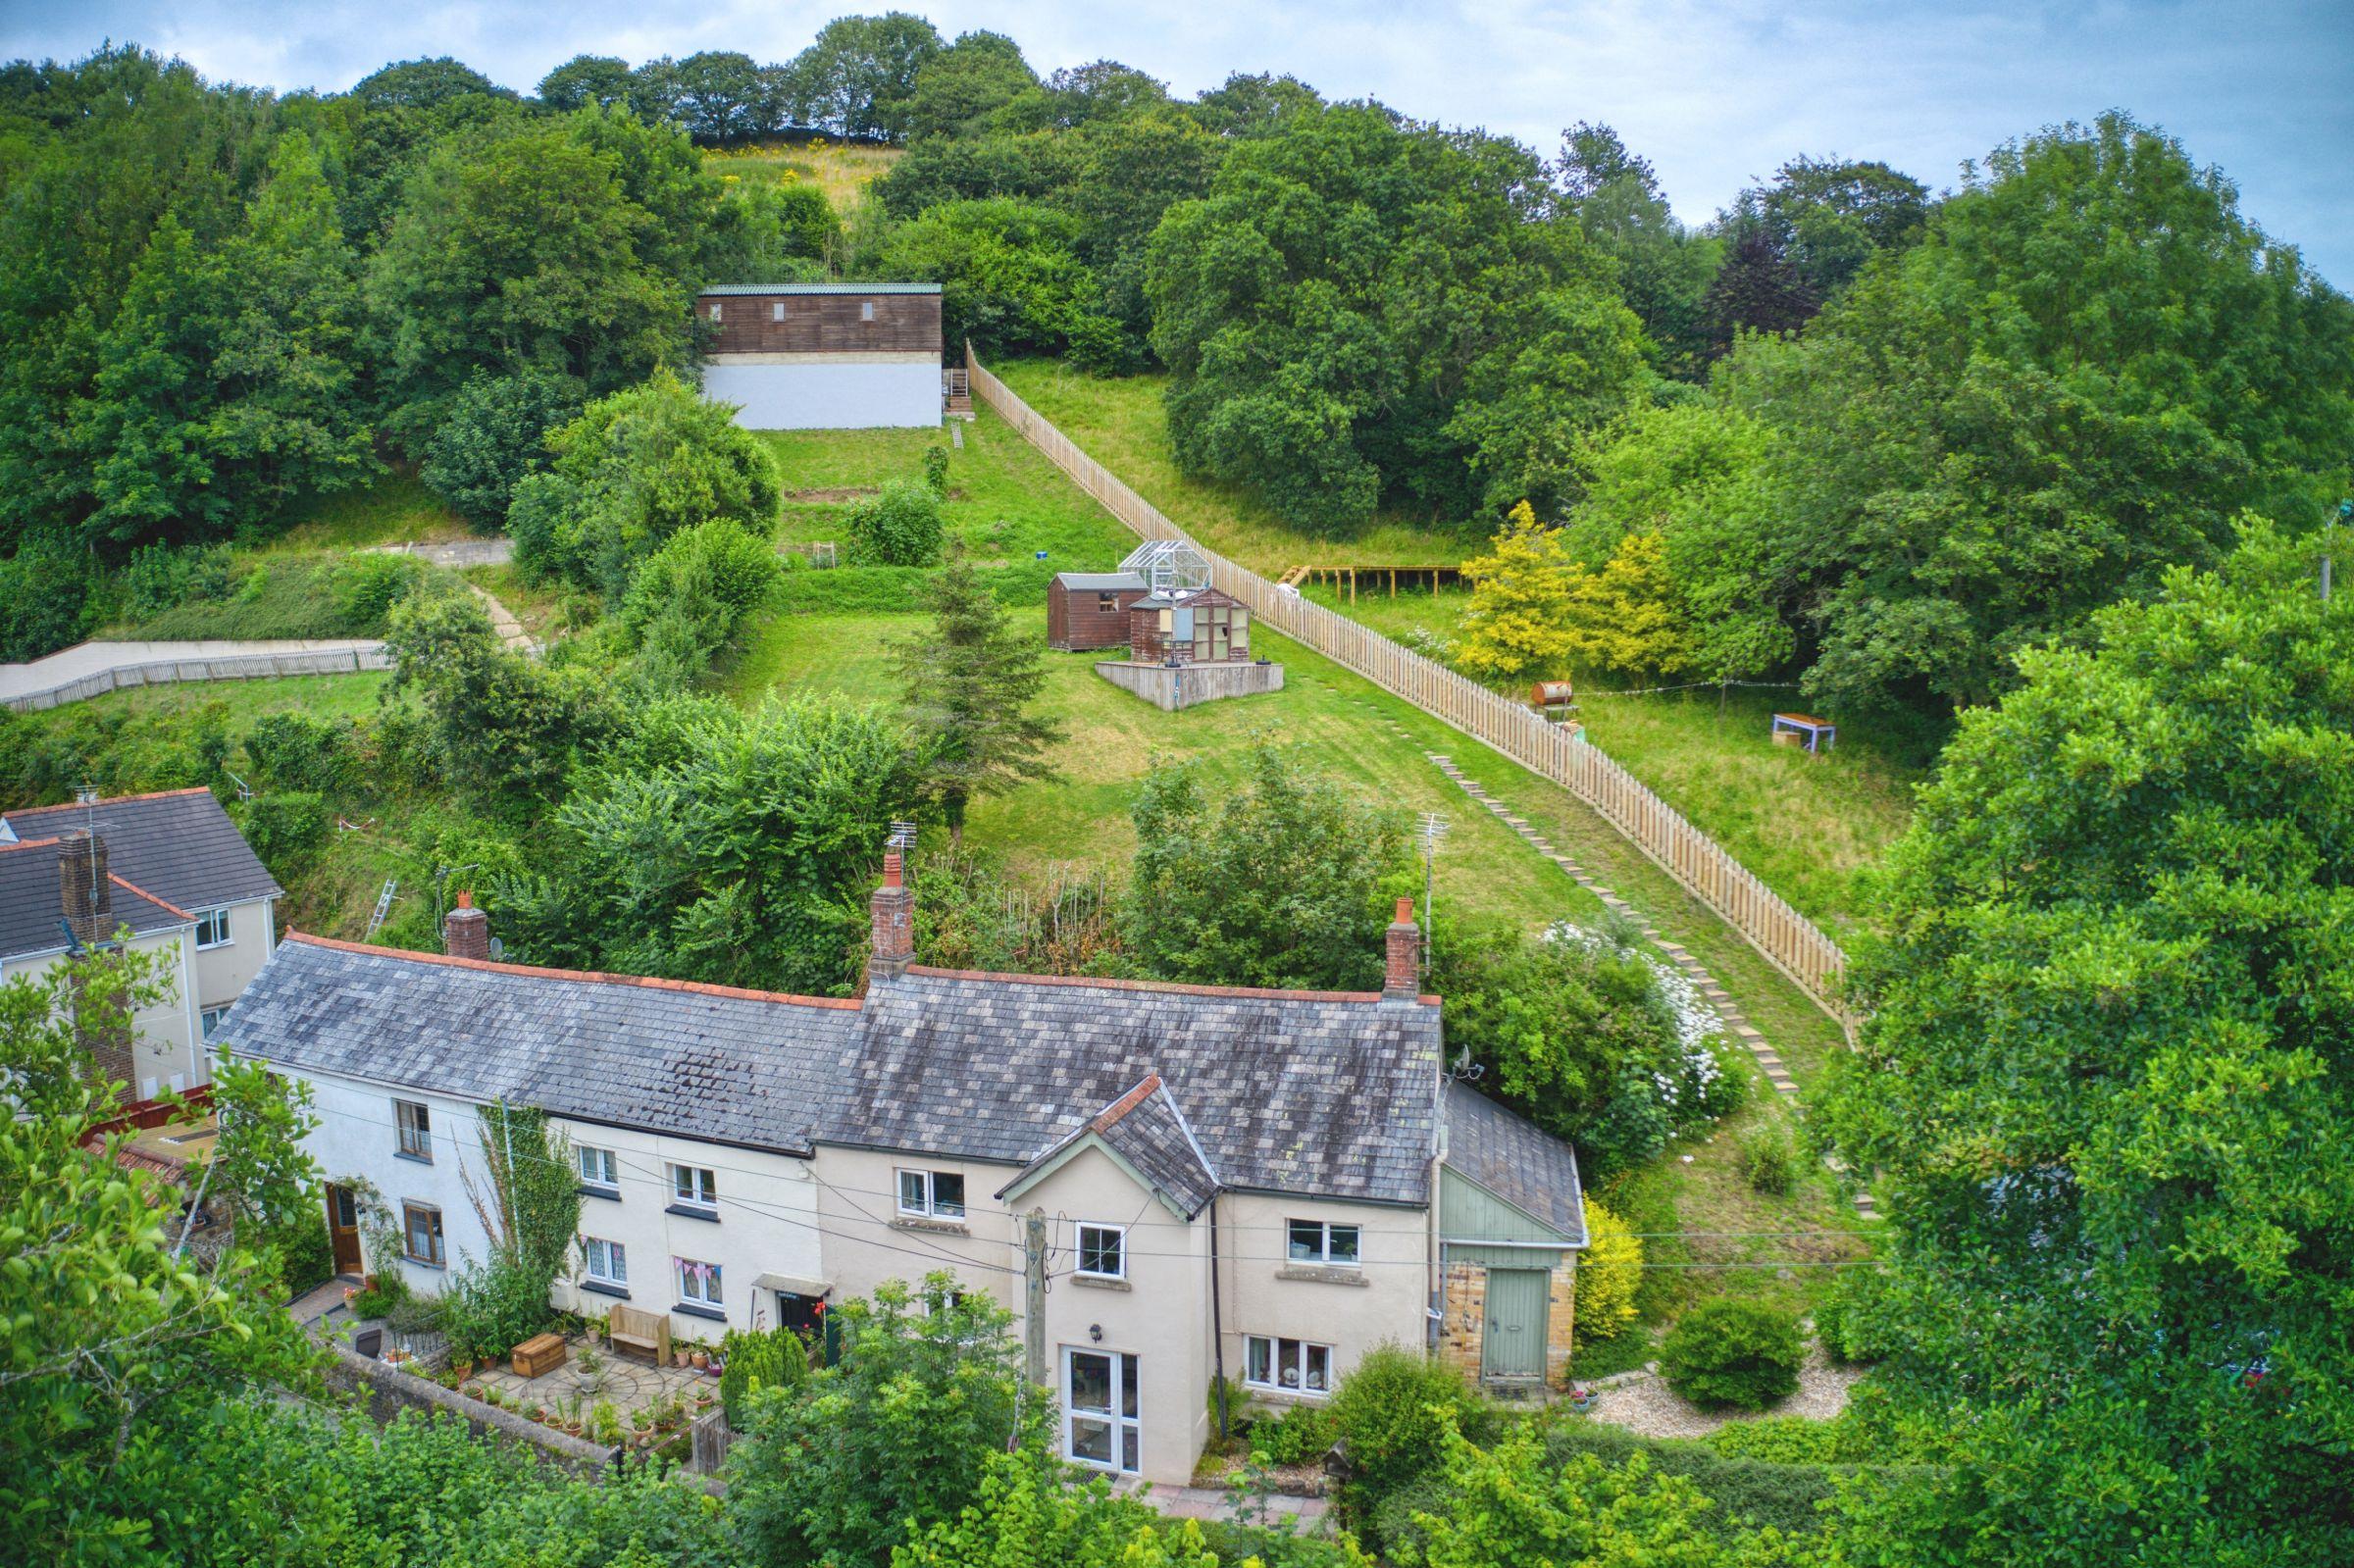 Glen Cottage, Weare Giffard